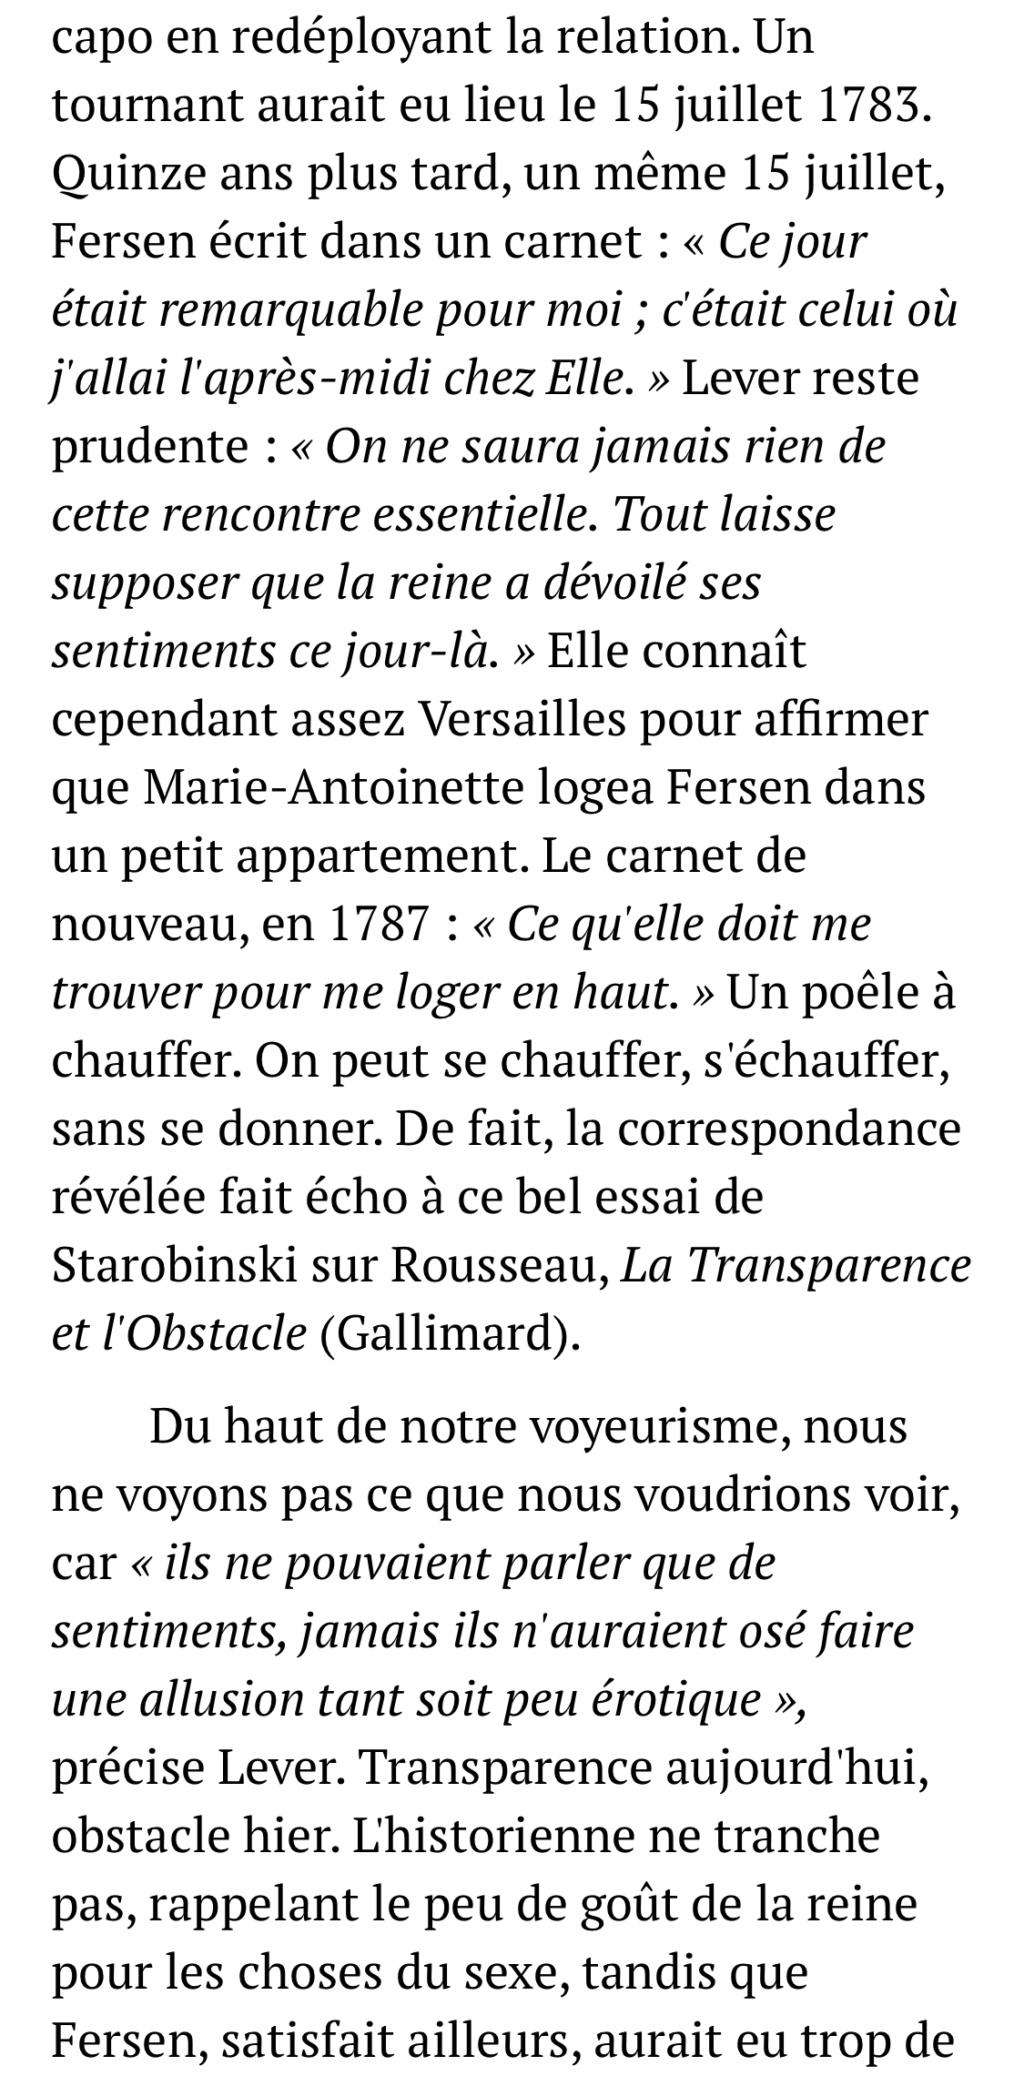 D'Evelyne Lever, Le grand amour de Marie-Antoinette, lettres secrètes de la reine et du comte de Fersen - Page 3 7275e810